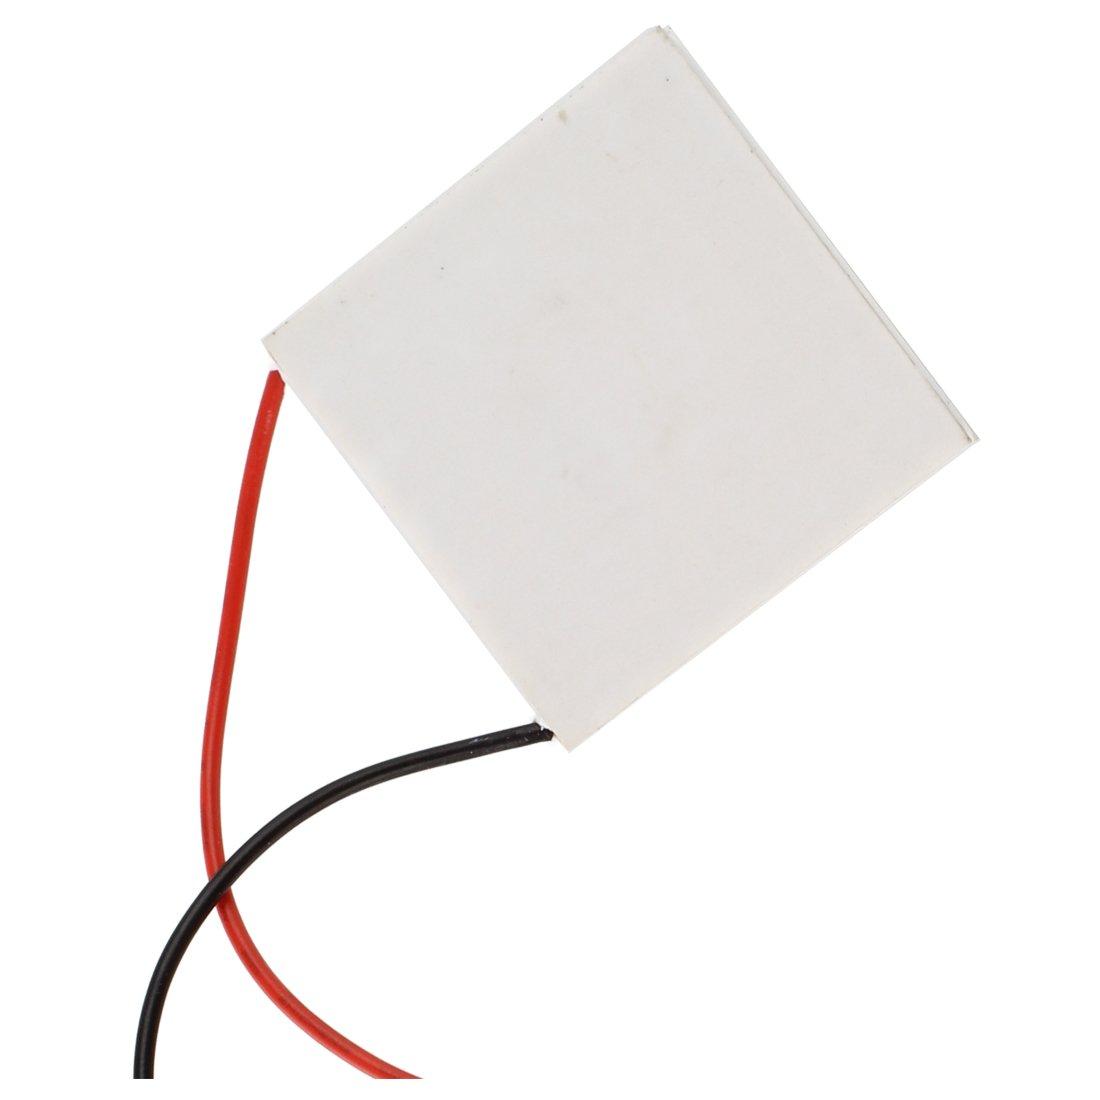 1pcs TEC1-12706 SODIAL TEC1 014674 Modulo refrigerador termoel/éctrico